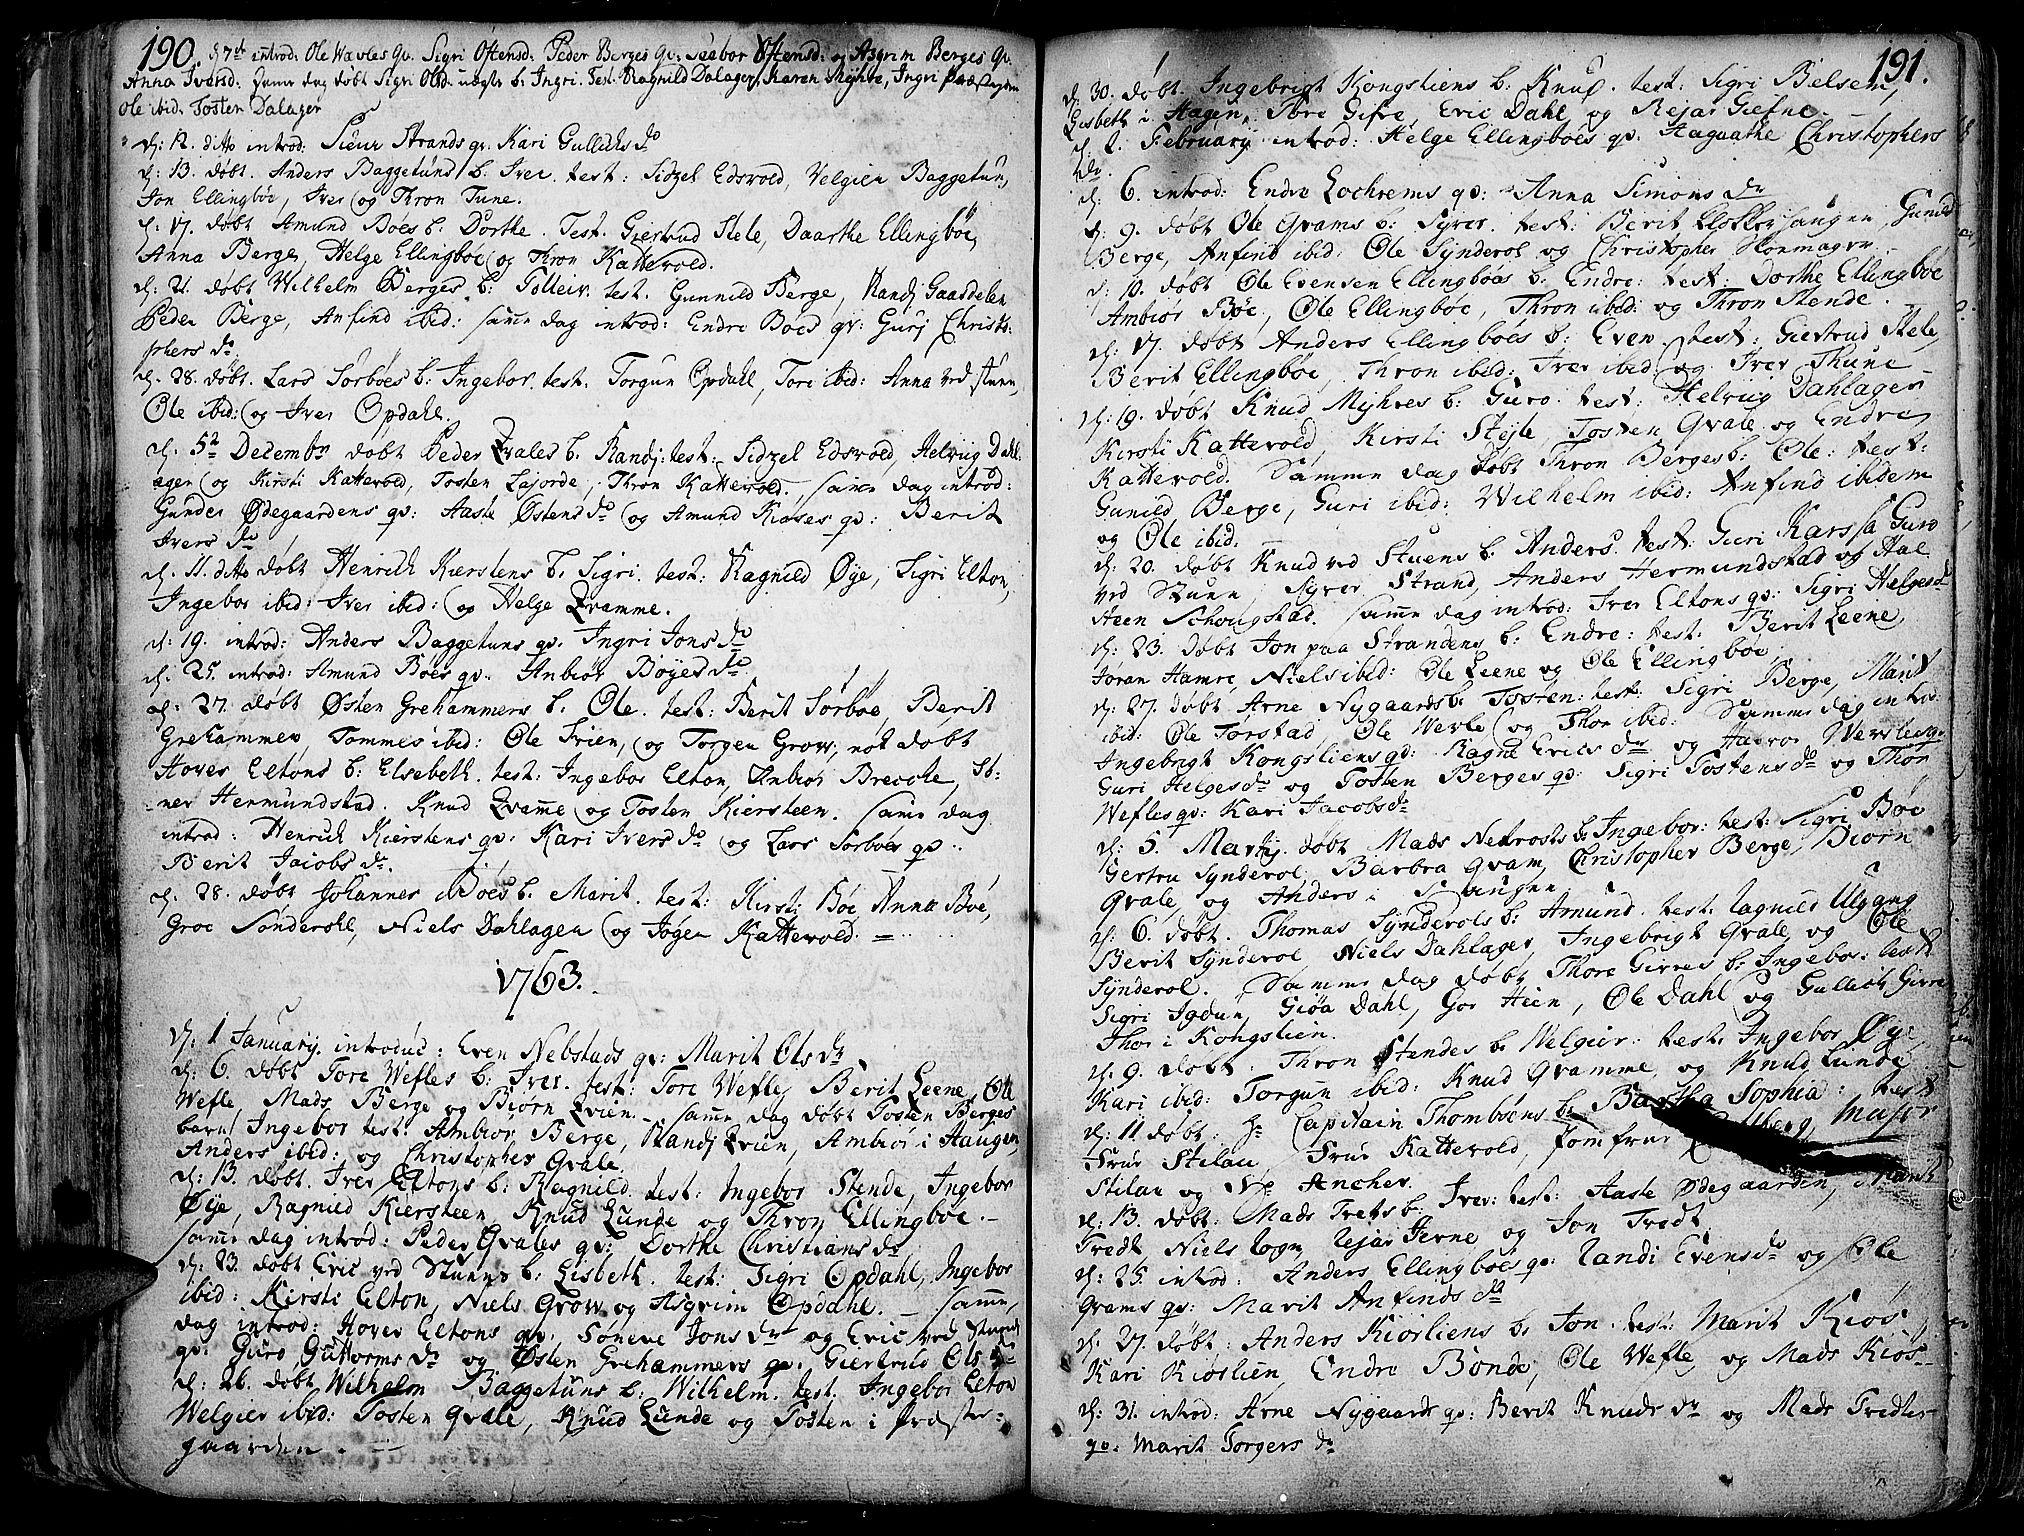 SAH, Vang prestekontor, Valdres, Ministerialbok nr. 1, 1730-1796, s. 190-191